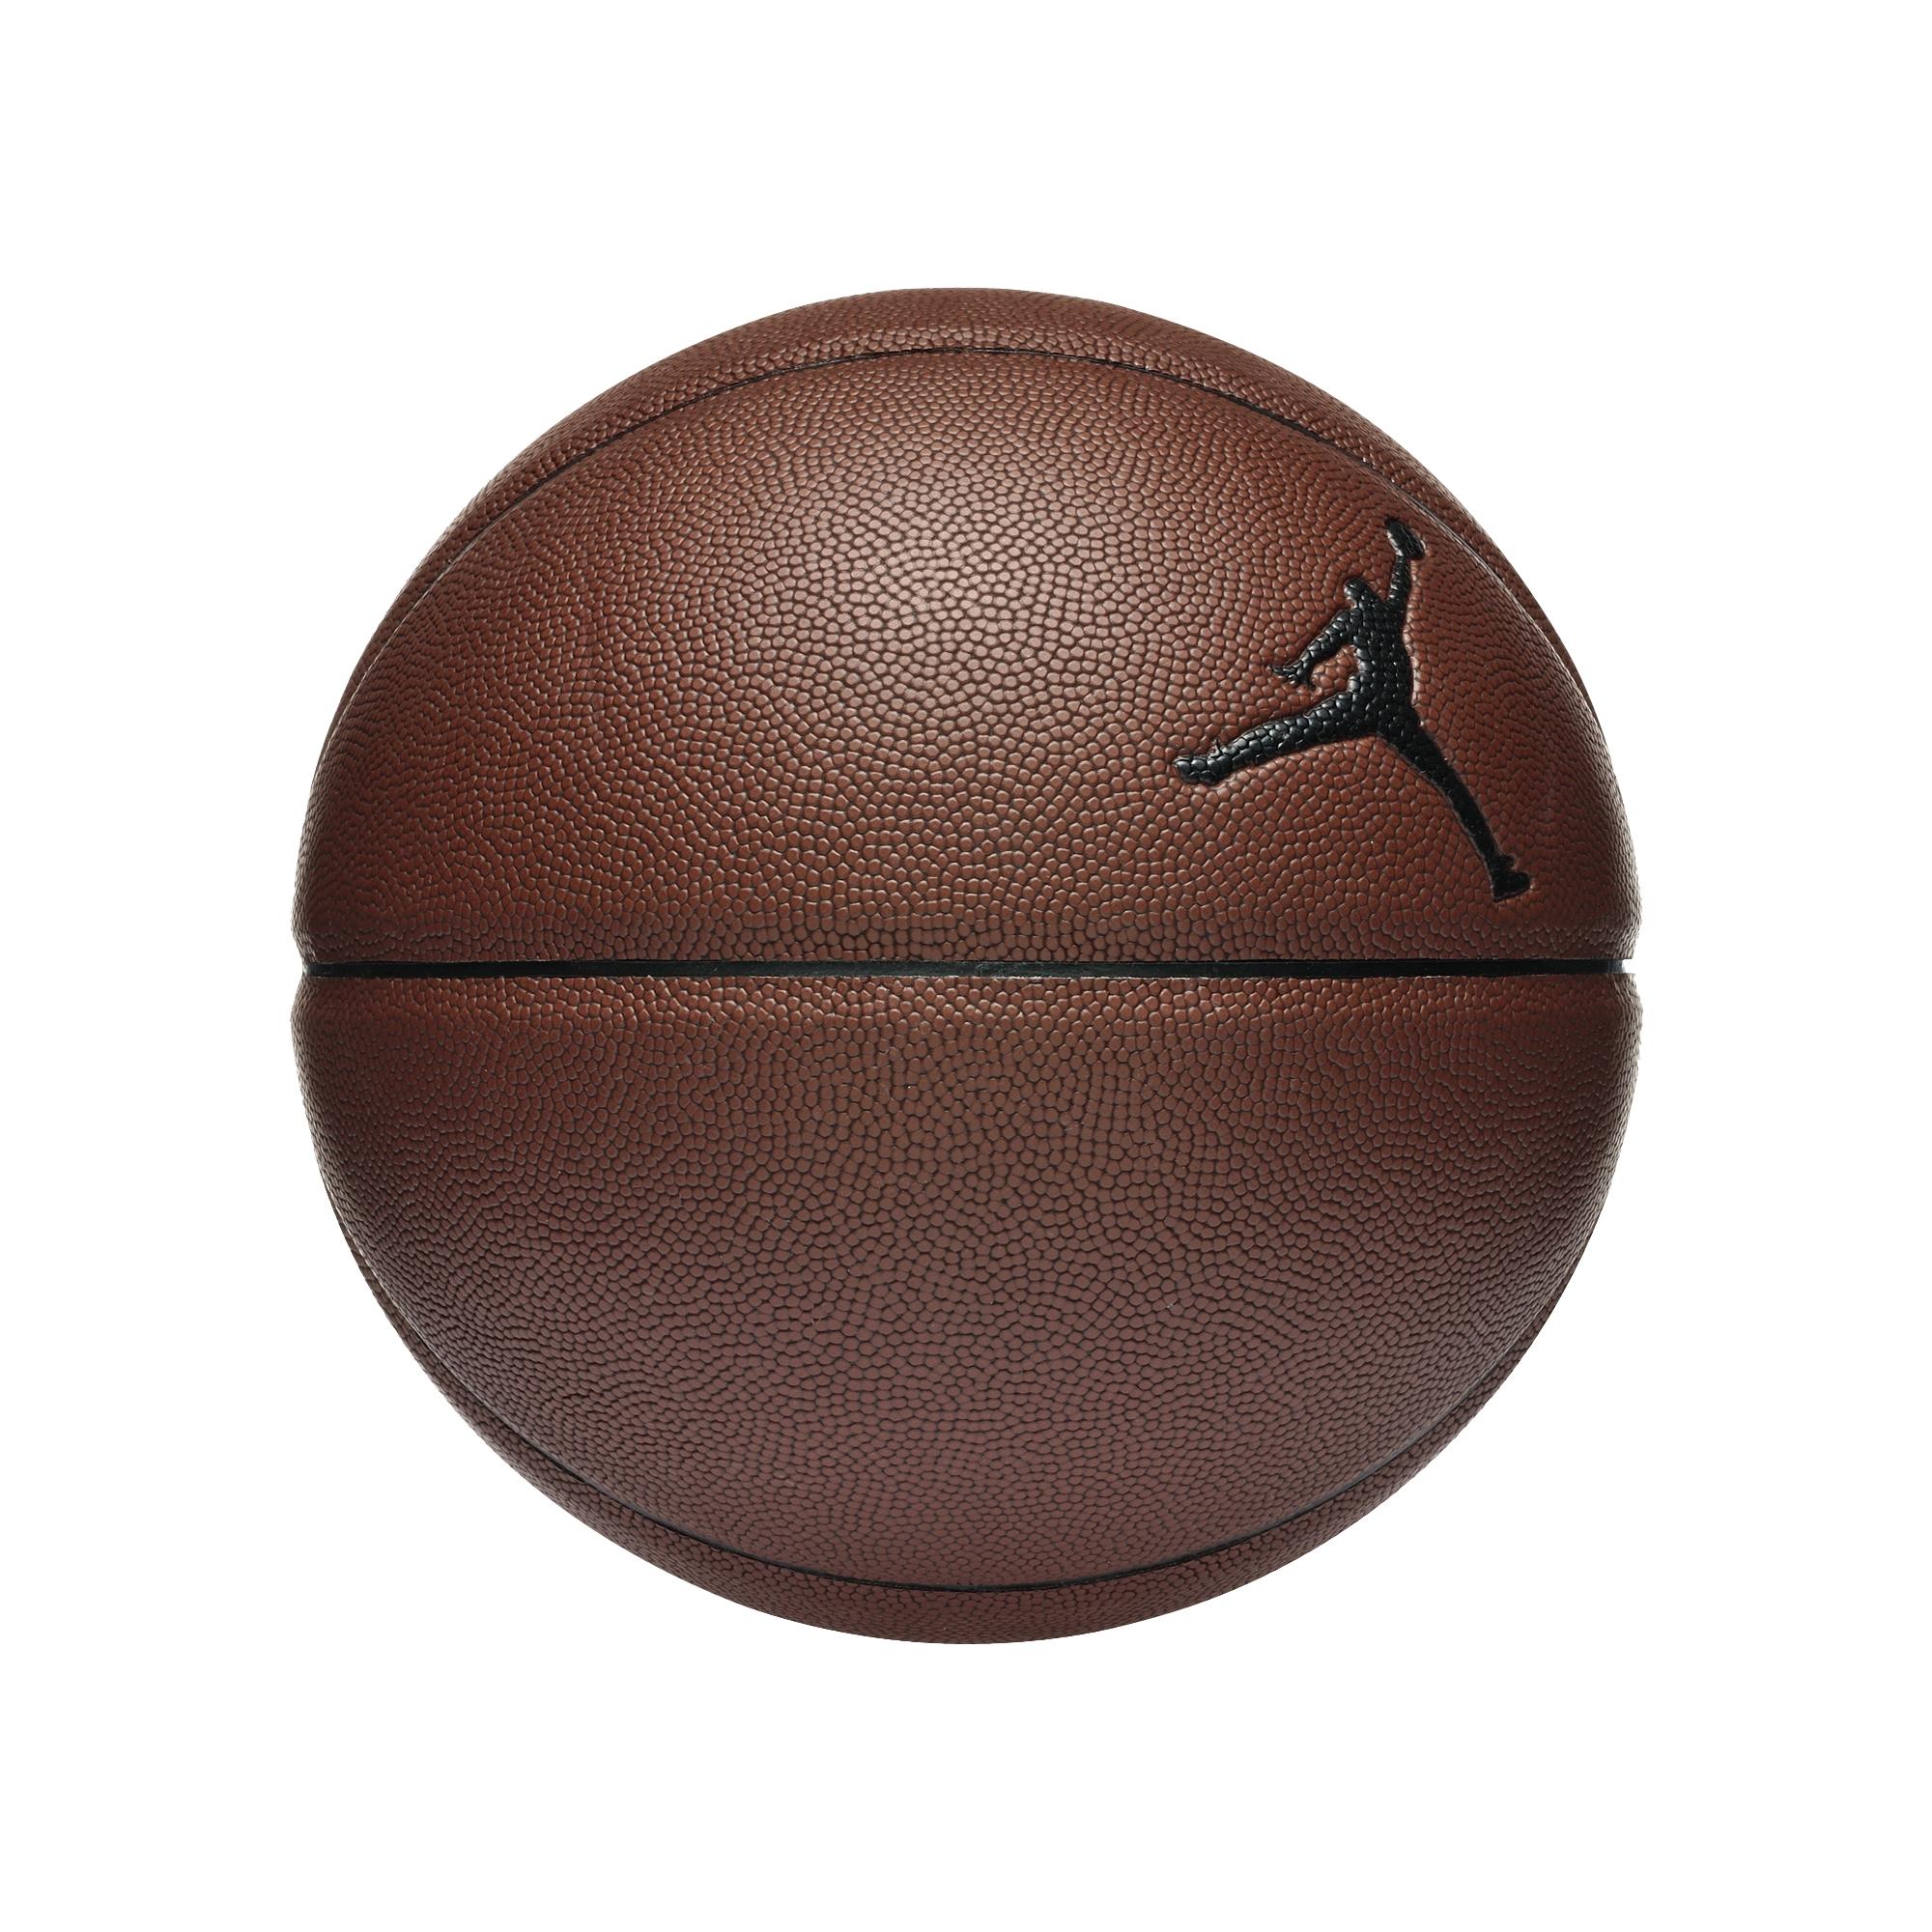 Nike Jordan Championship Basketbol Topu #BB0362-201